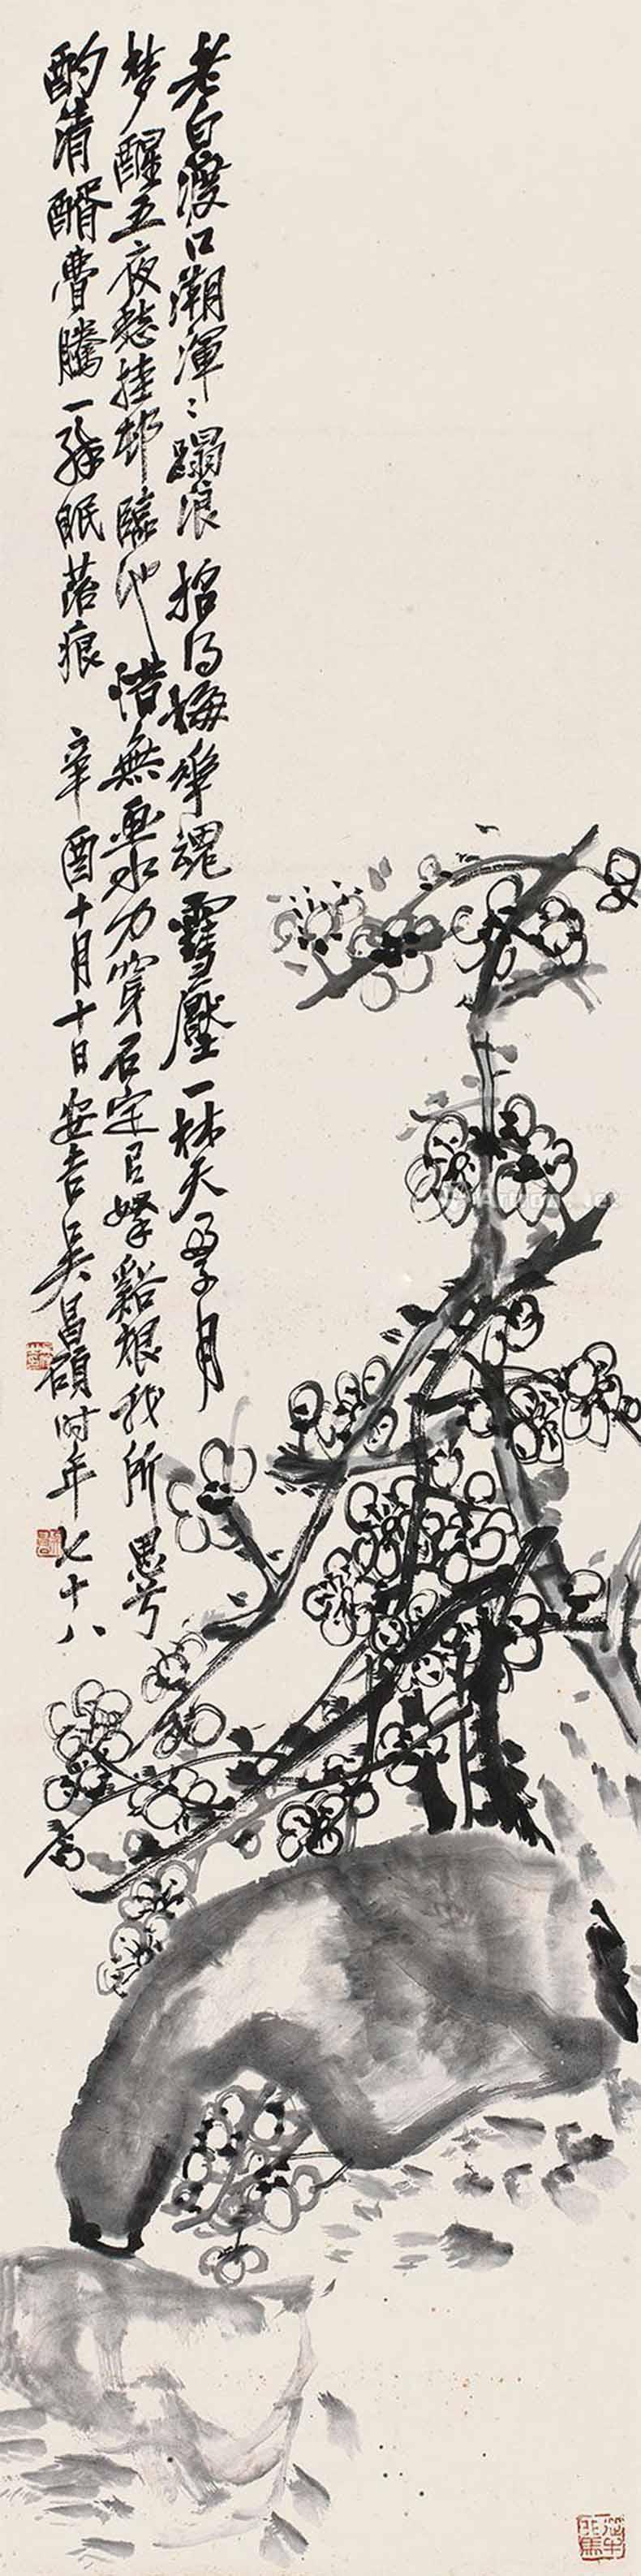 """梅花是吴昌硕绘画生涯中最爱画的题材之一,他自诩""""梅花性命诗精神"""".图片"""